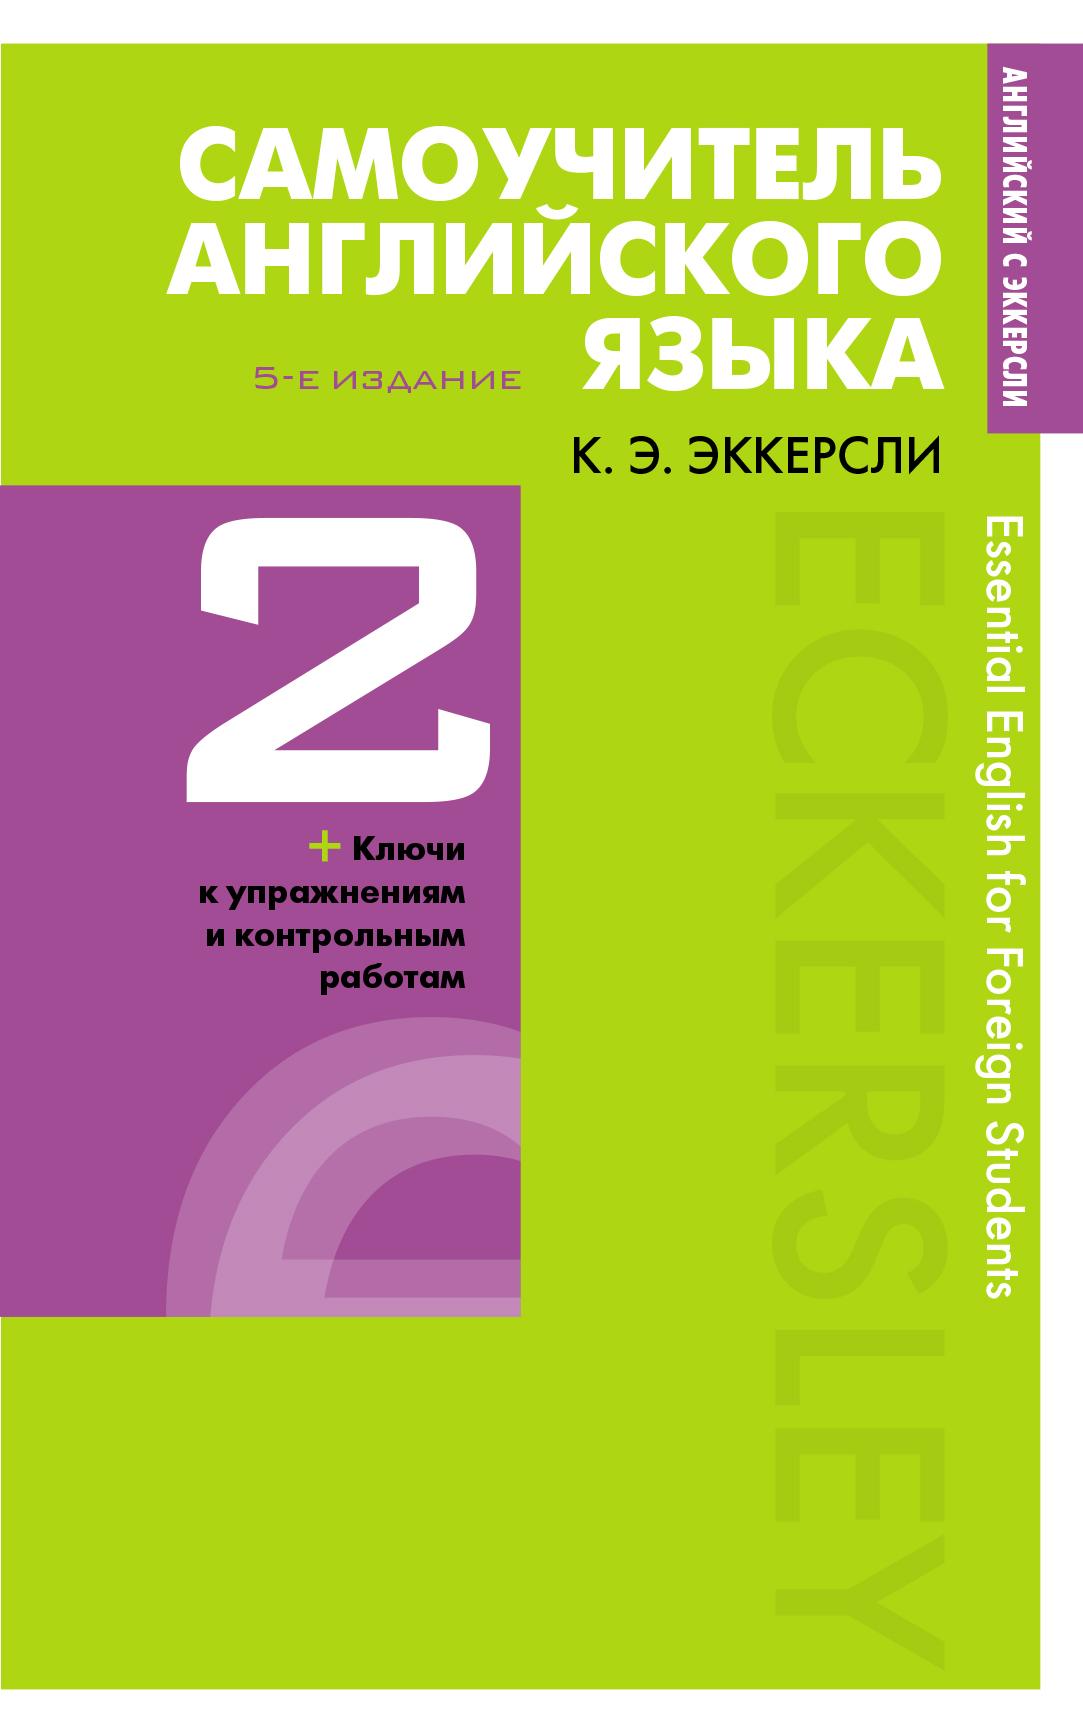 Самоучитель английского языка + ключик упражнениям и контрольным работам. Книга 2